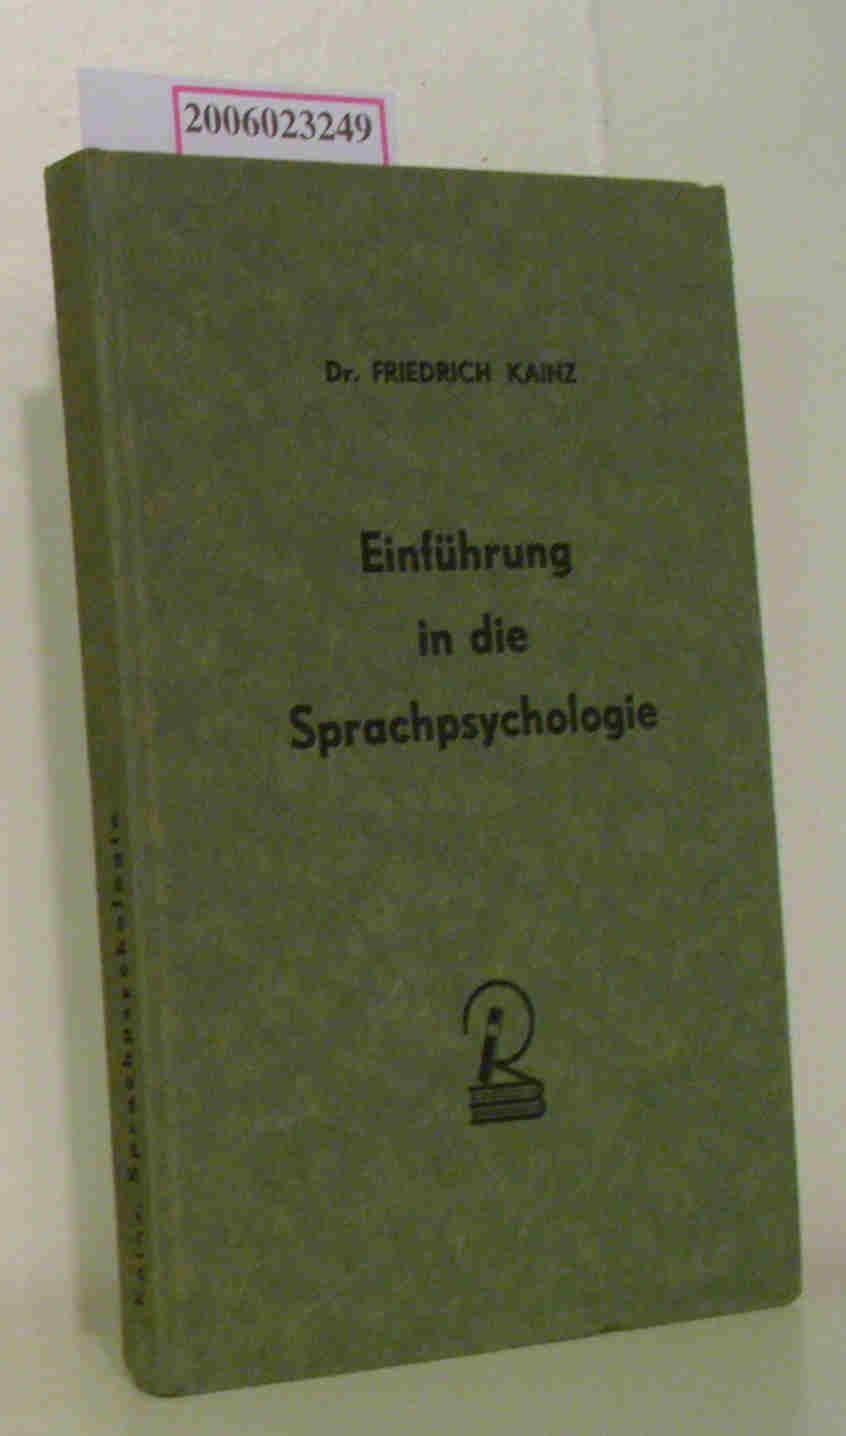 Einführung in die Sprachpsychologie